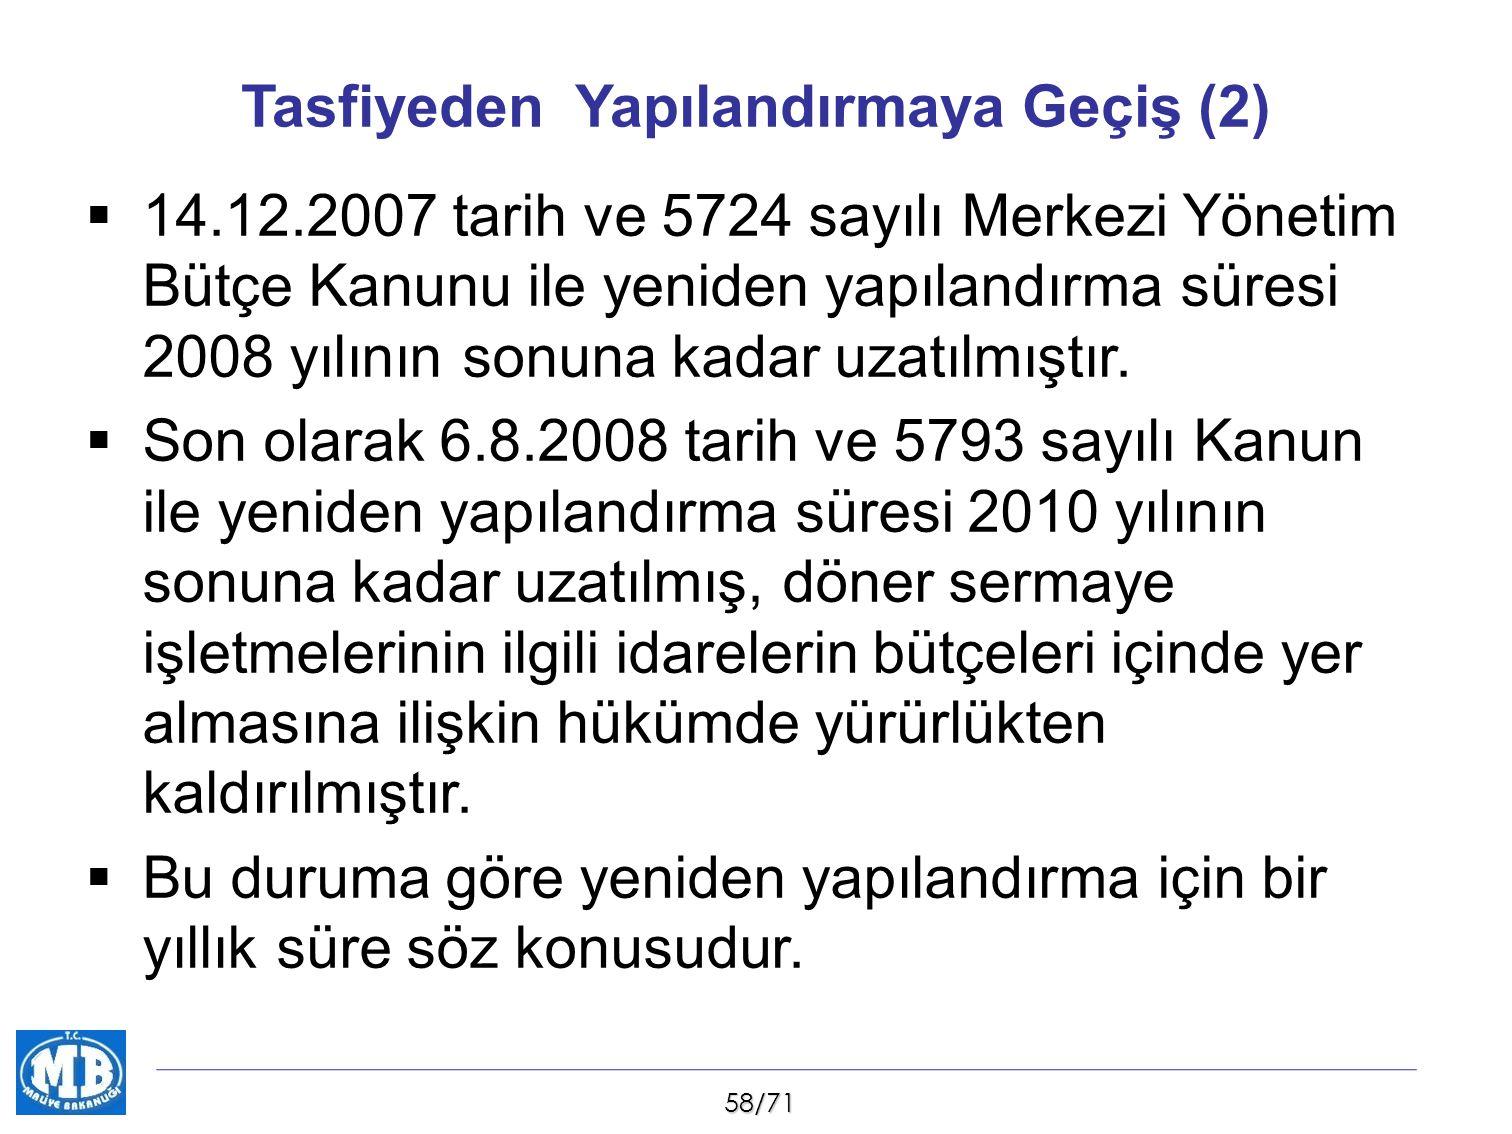 58/71 Tasfiyeden Yapılandırmaya Geçiş (2)  14.12.2007 tarih ve 5724 sayılı Merkezi Yönetim Bütçe Kanunu ile yeniden yapılandırma süresi 2008 yılının sonuna kadar uzatılmıştır.